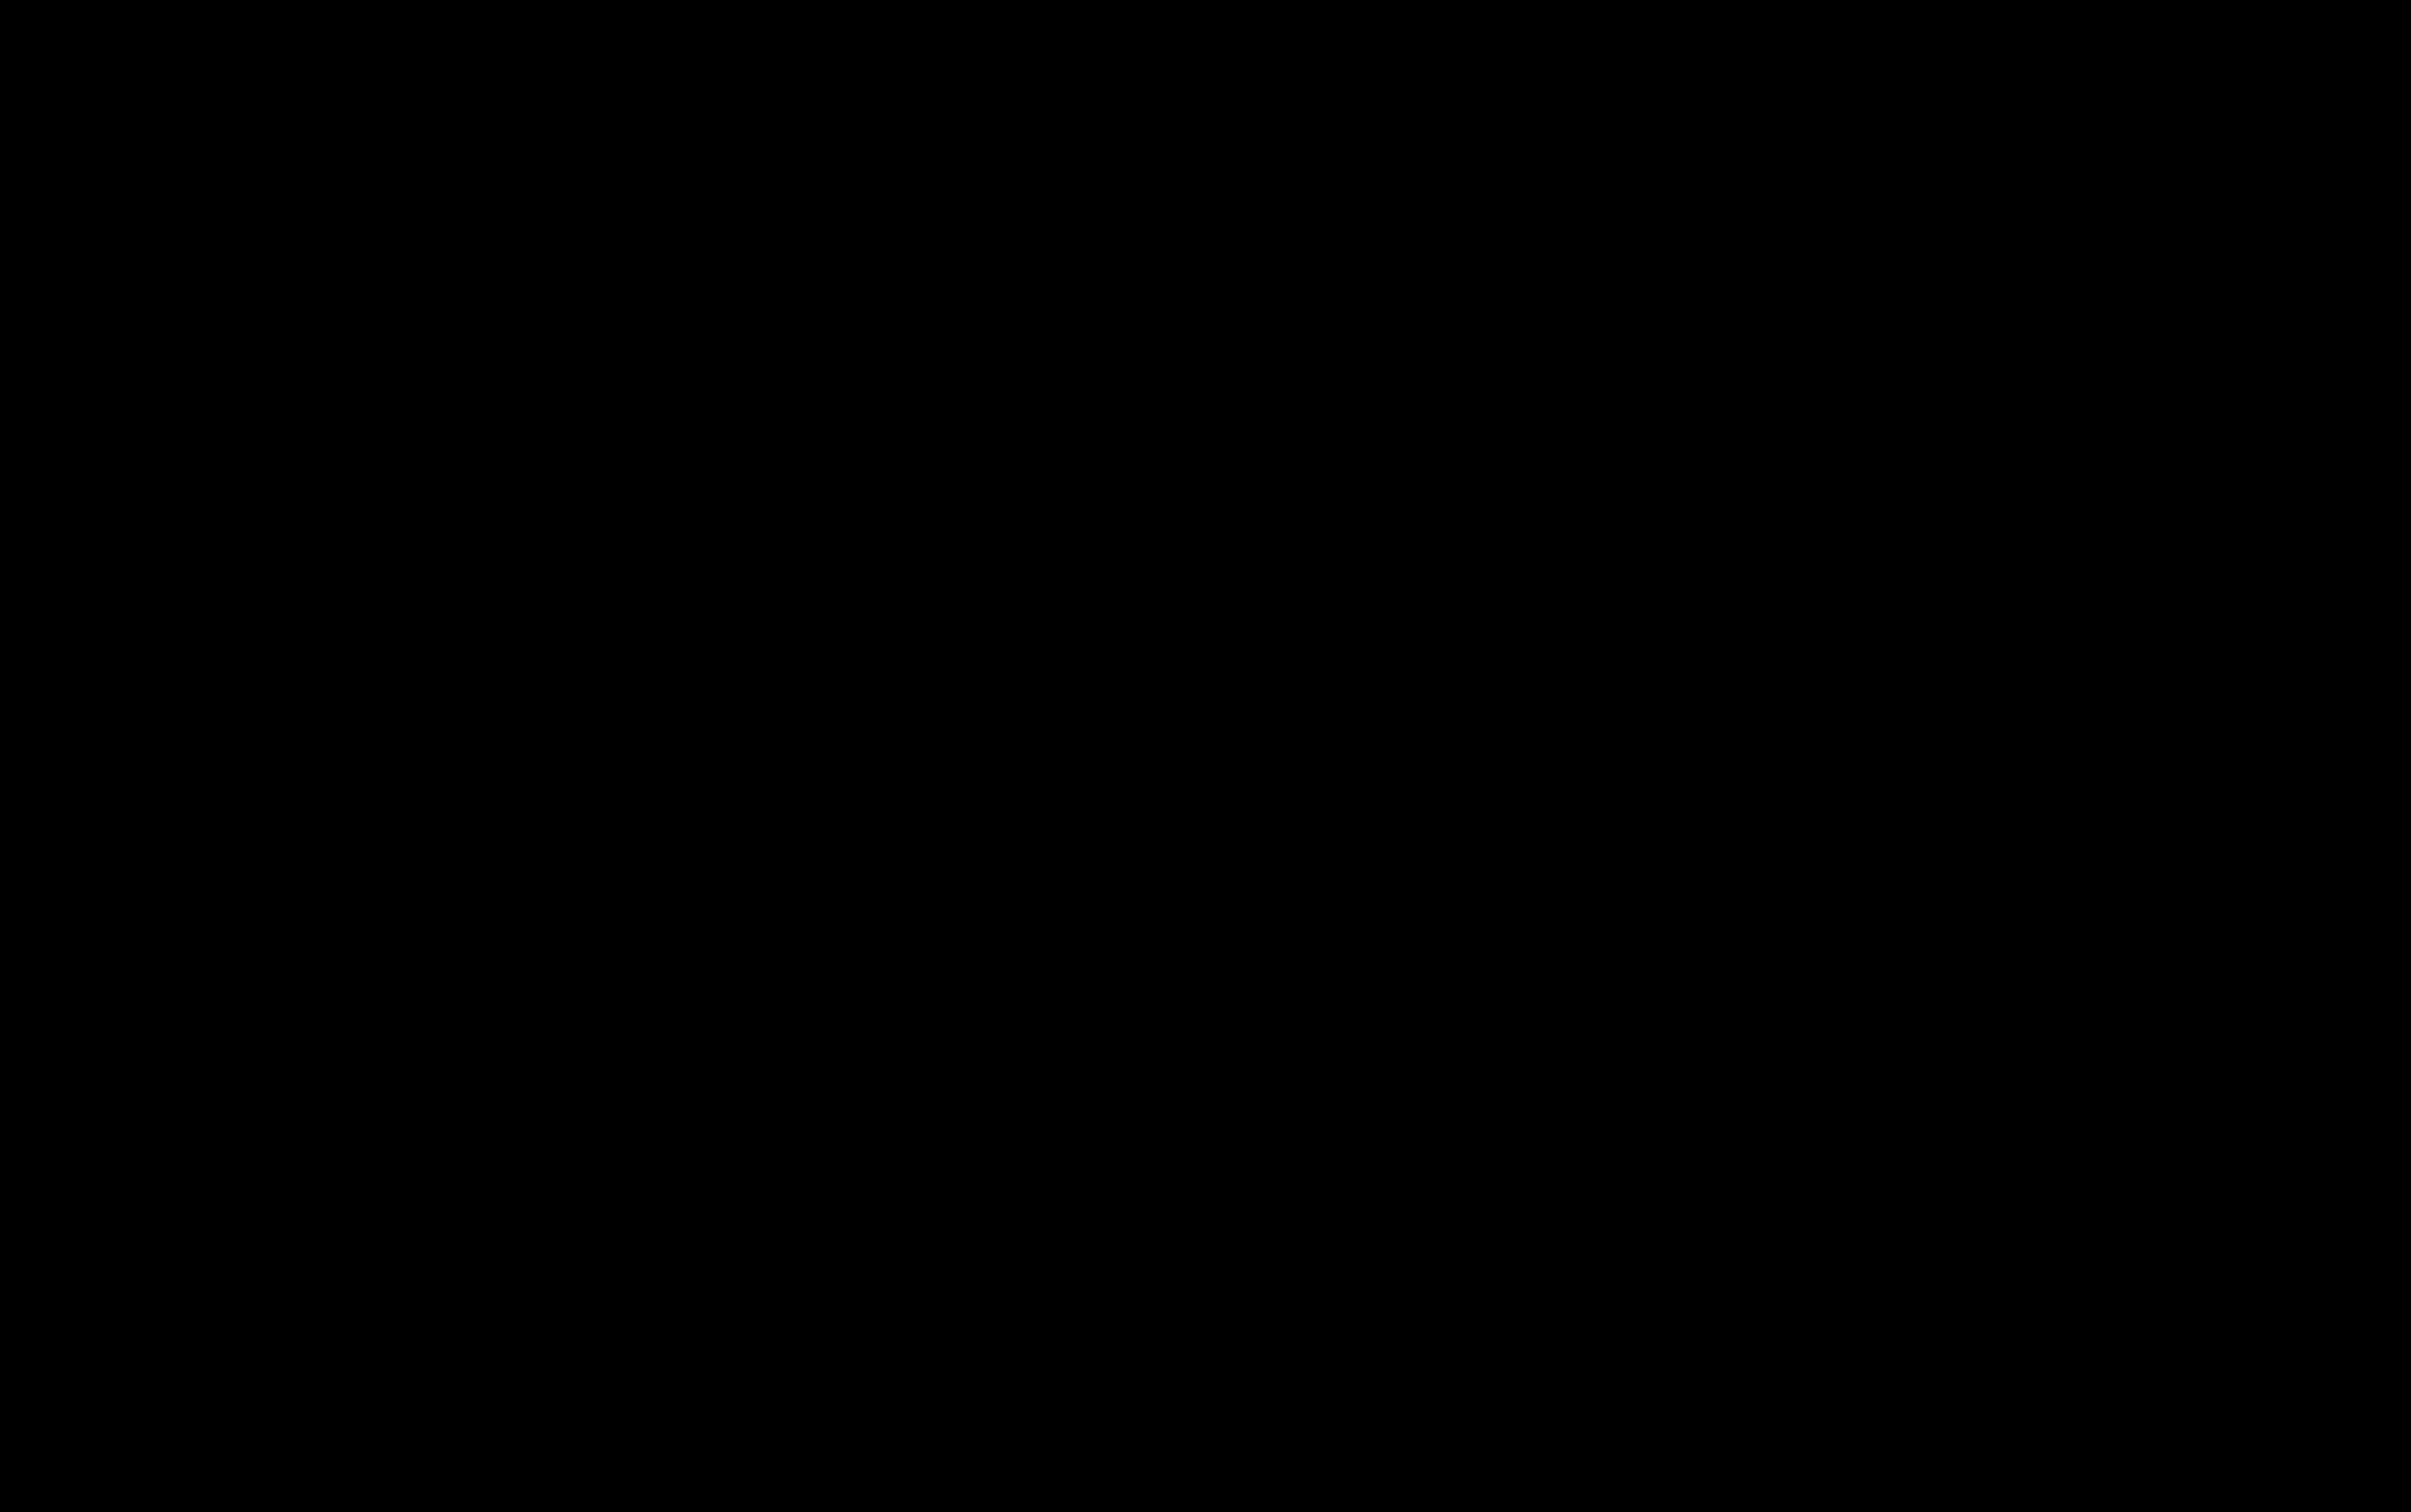 SkyLine InfoSec - Black on Transparent.png